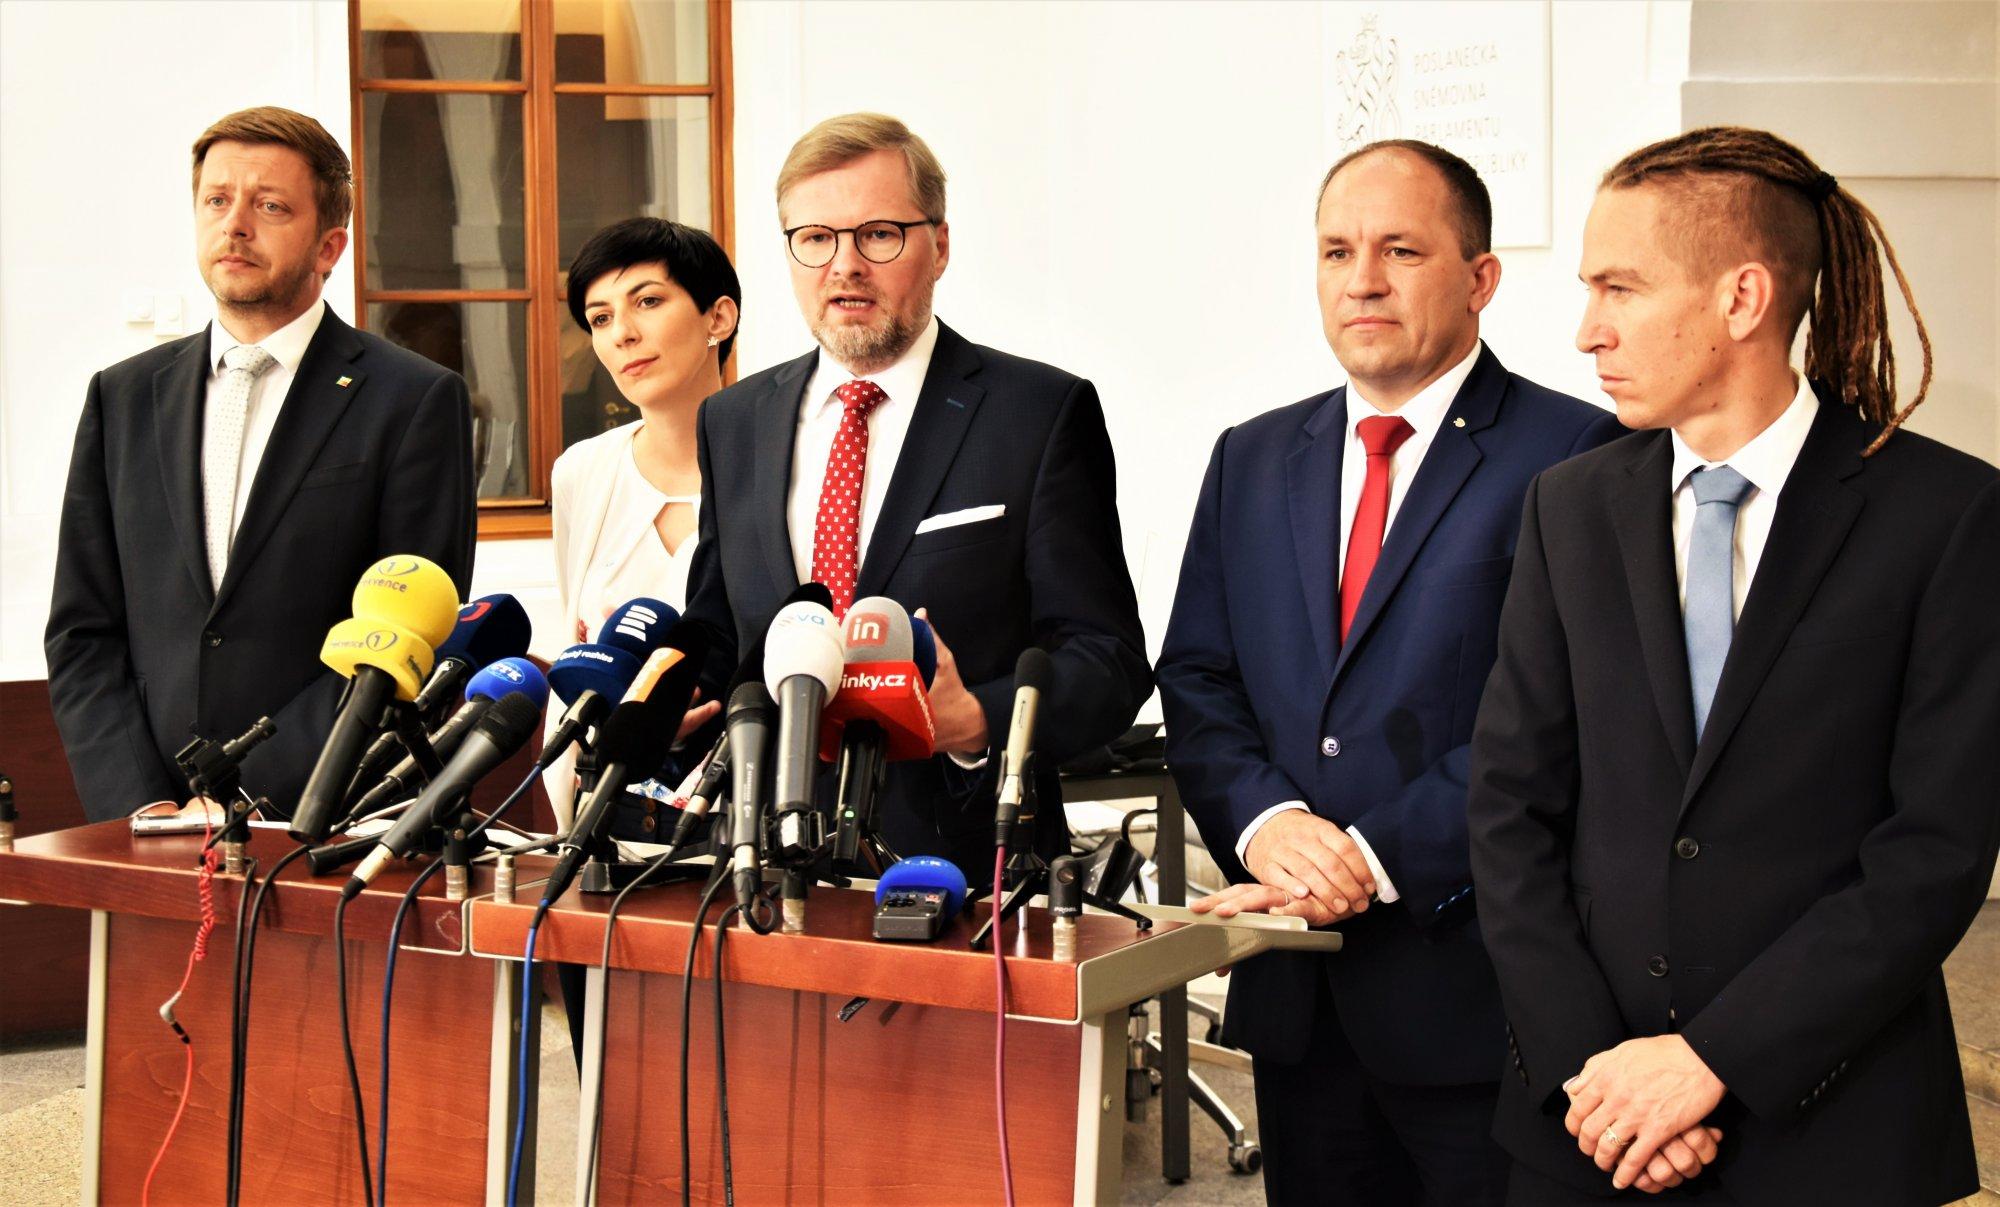 Petr Fiala: Kauzy Andreje Babiše přerostly únosnou mez. S opozičními stranami jsme se dohodli, že vyslovíme vládě nedůvěru